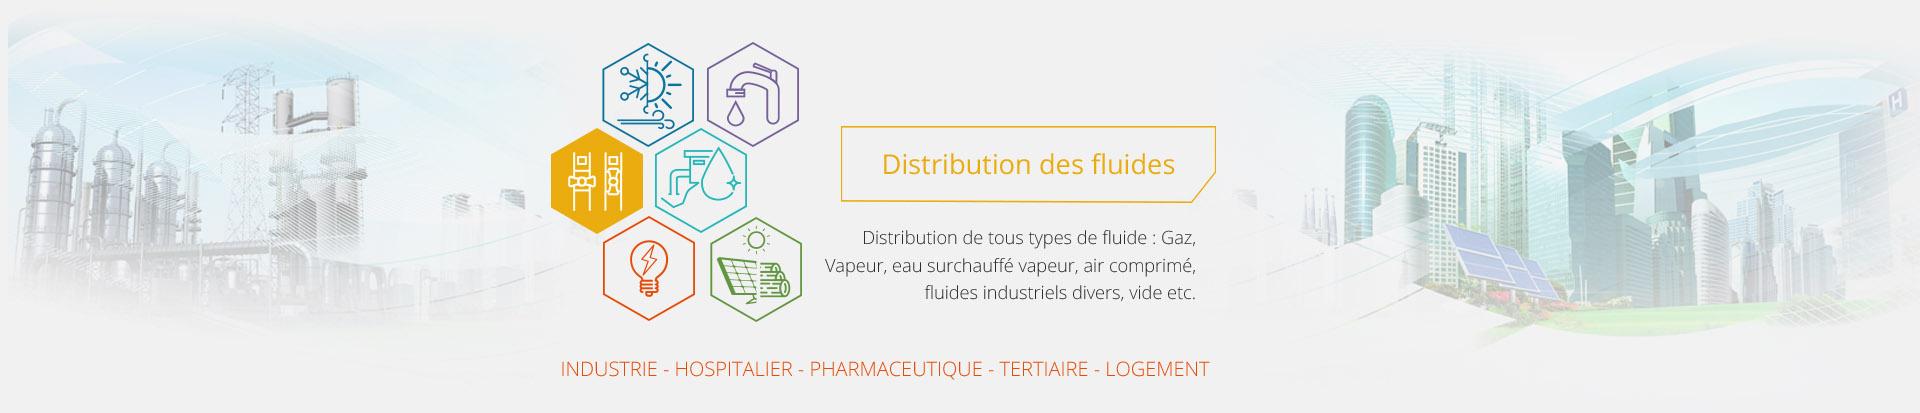 distribution de fluides en rhône alpes